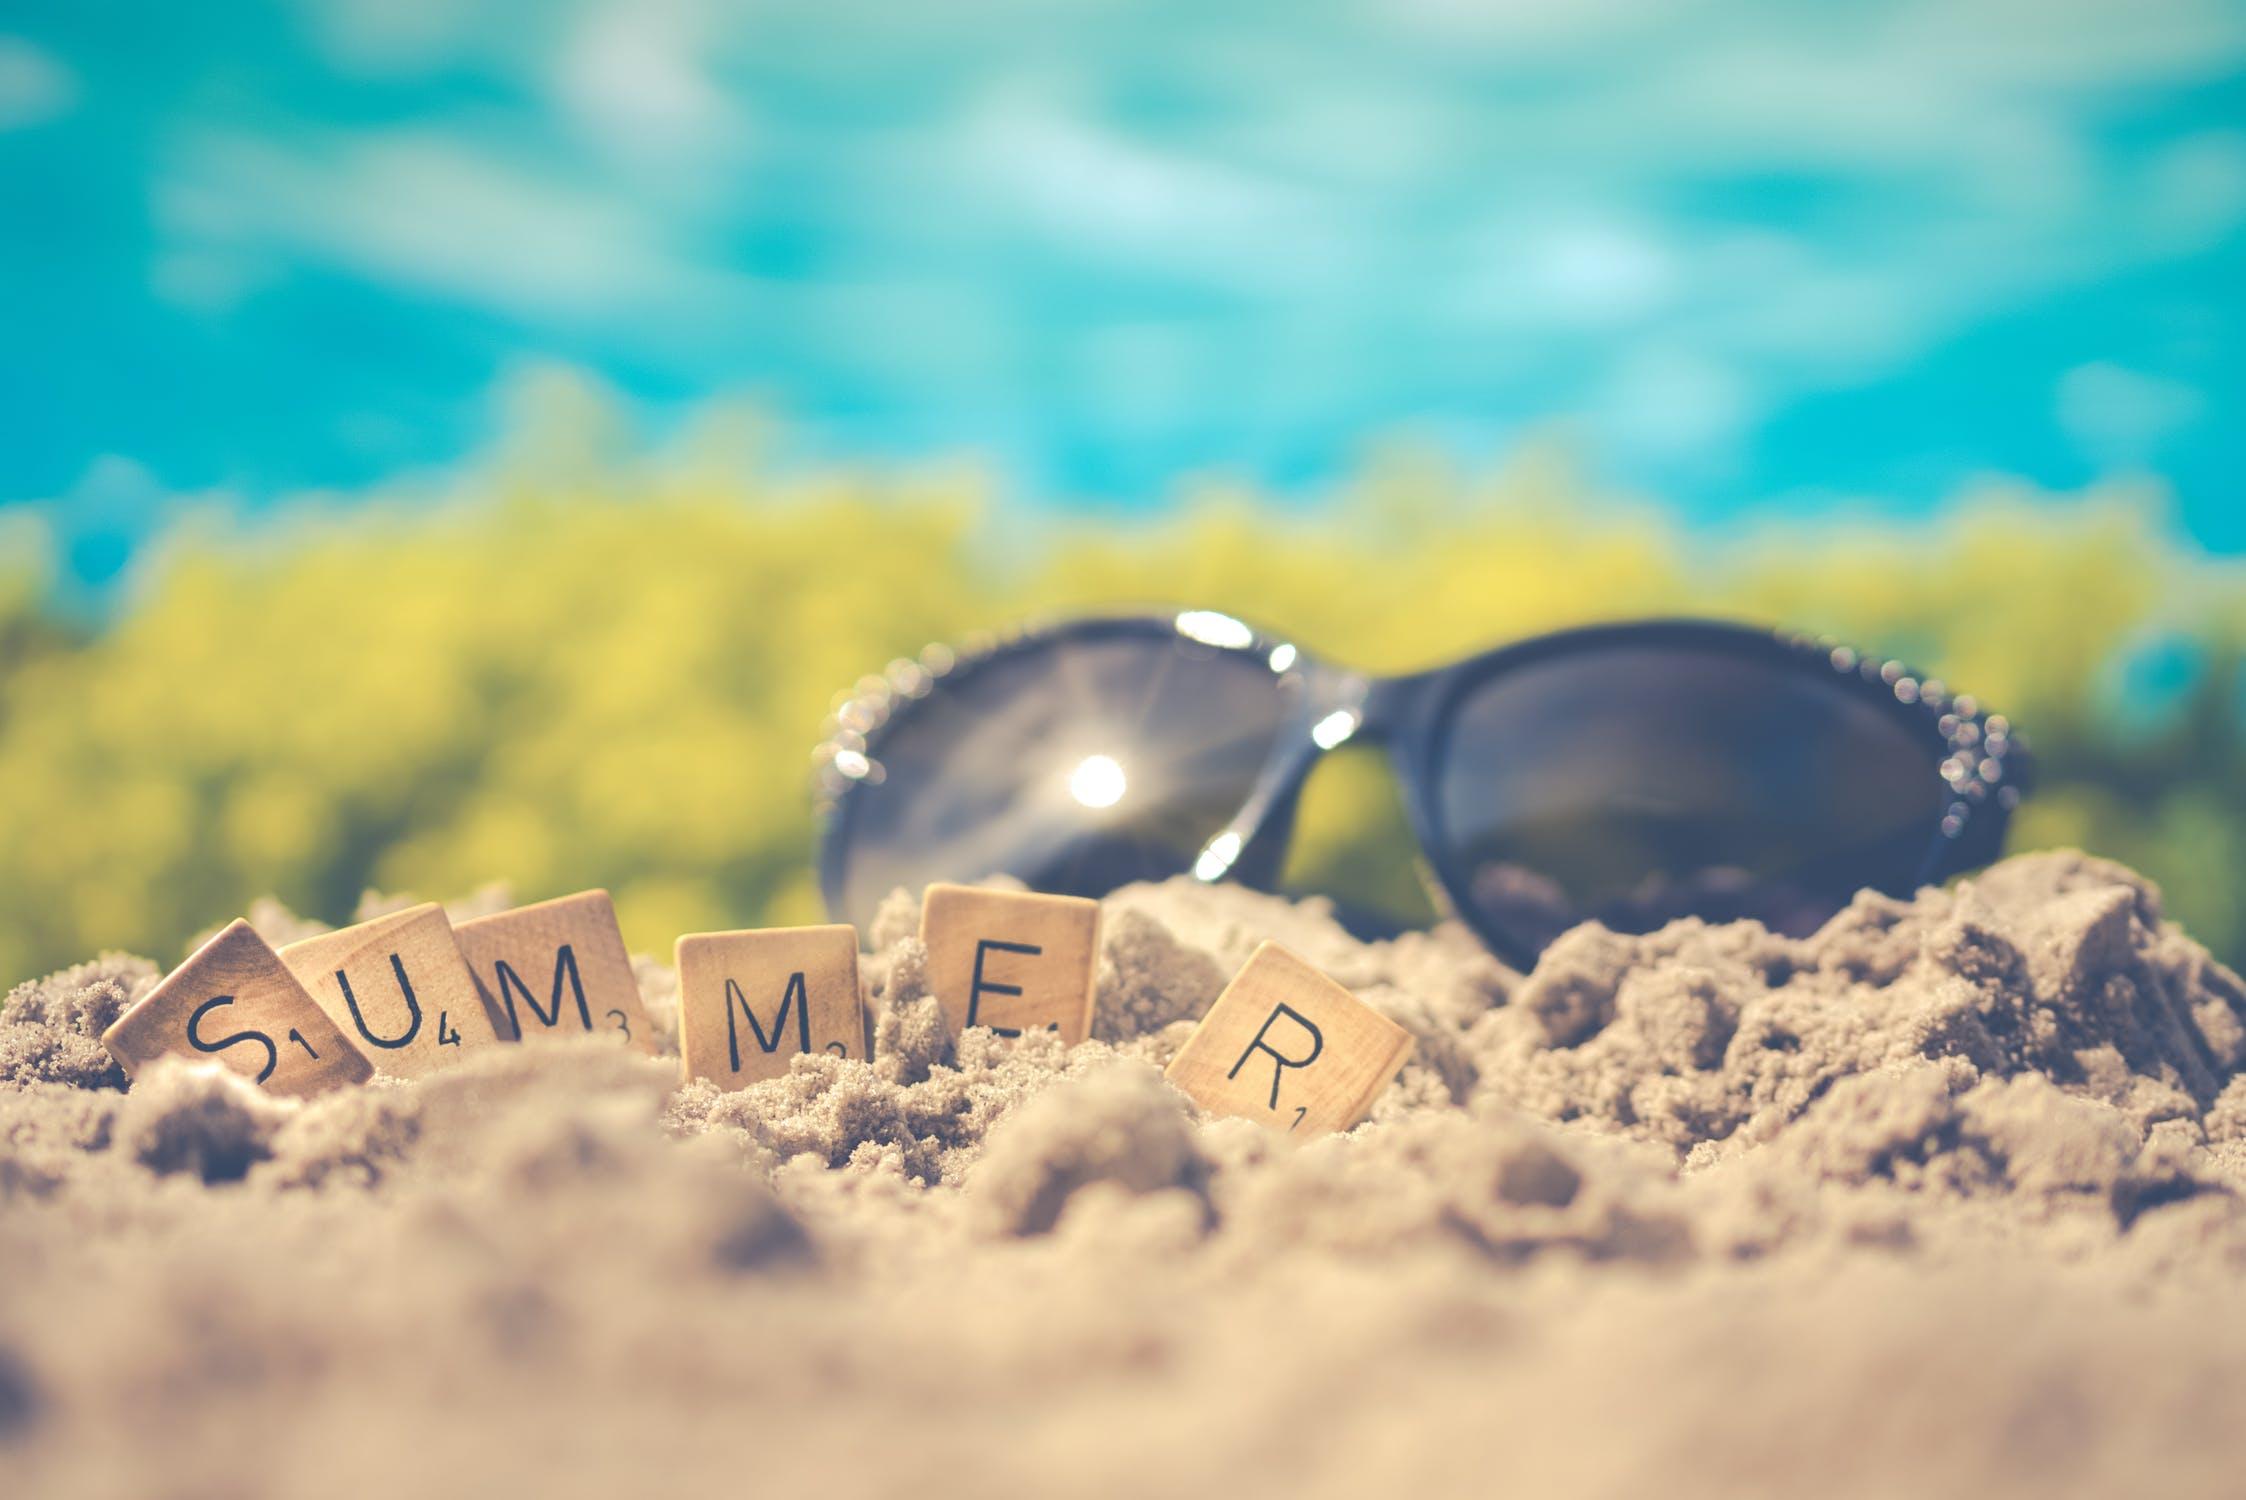 Summertime Gadgets